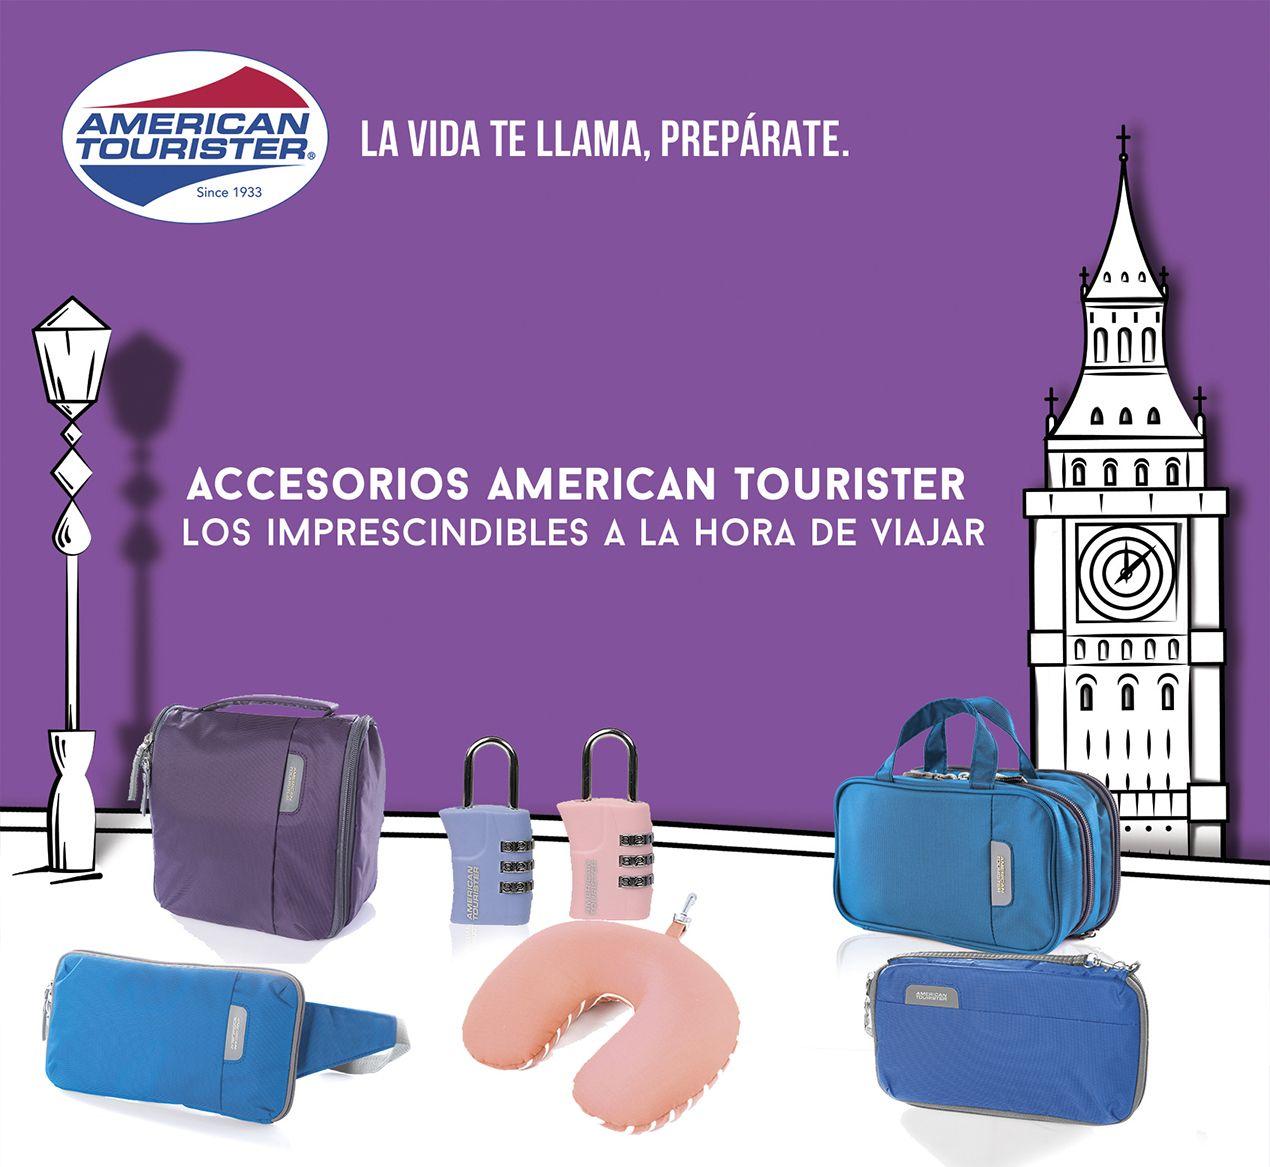 Accesorios American Tourister, los imprescindibles a la hora de viajar